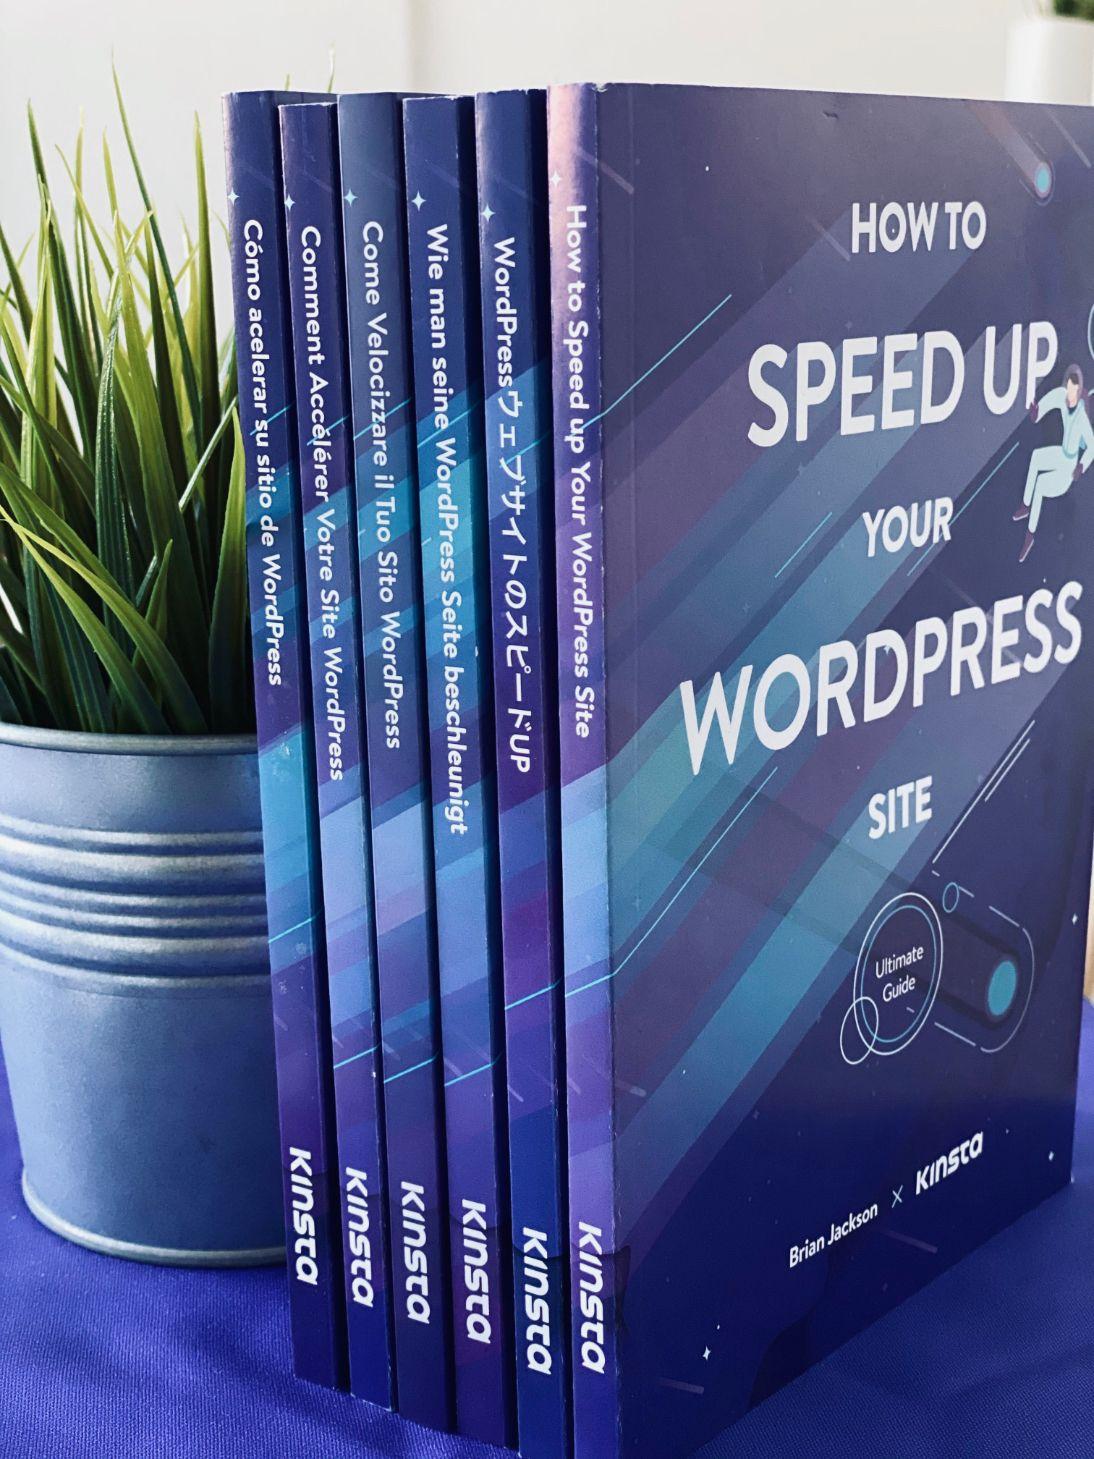 Kinsta Speed up WordPress boek